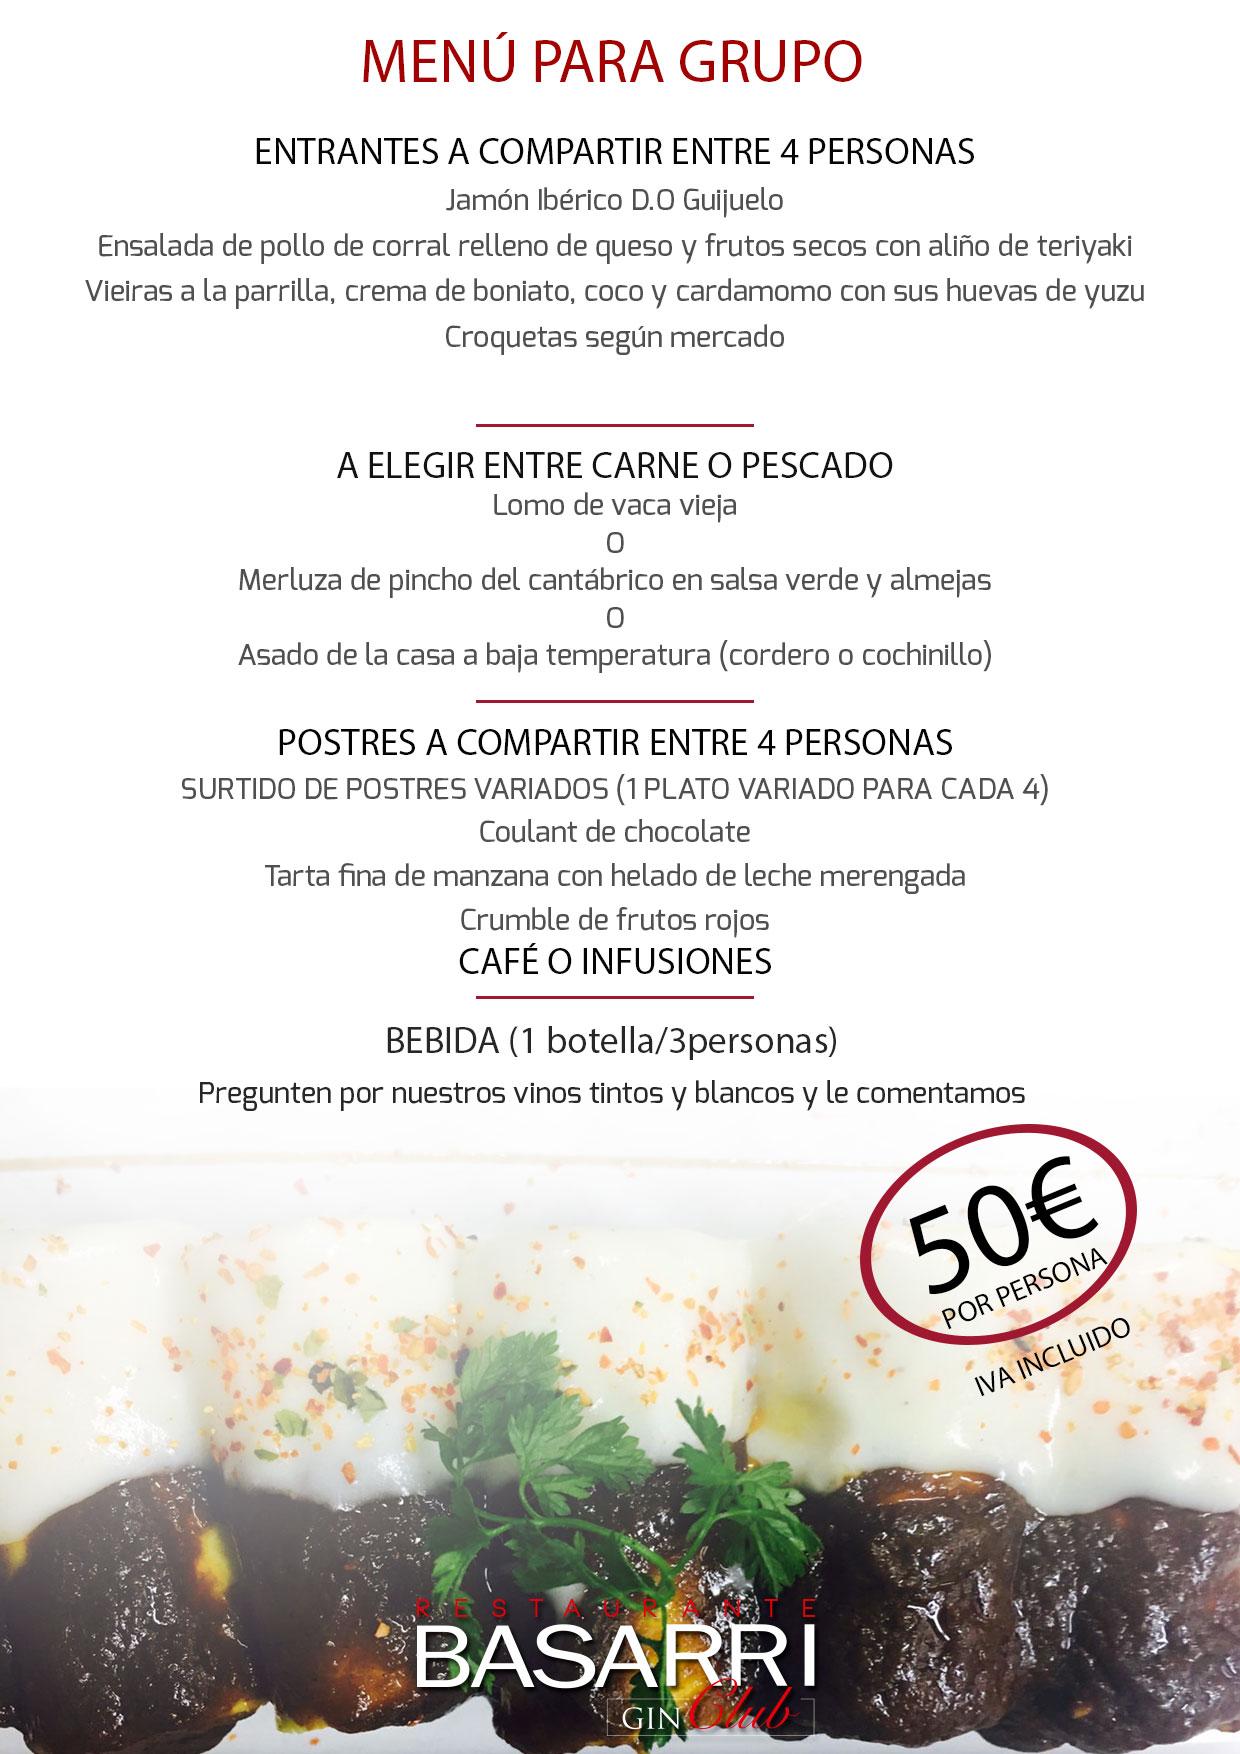 Menú coctel 50 eur